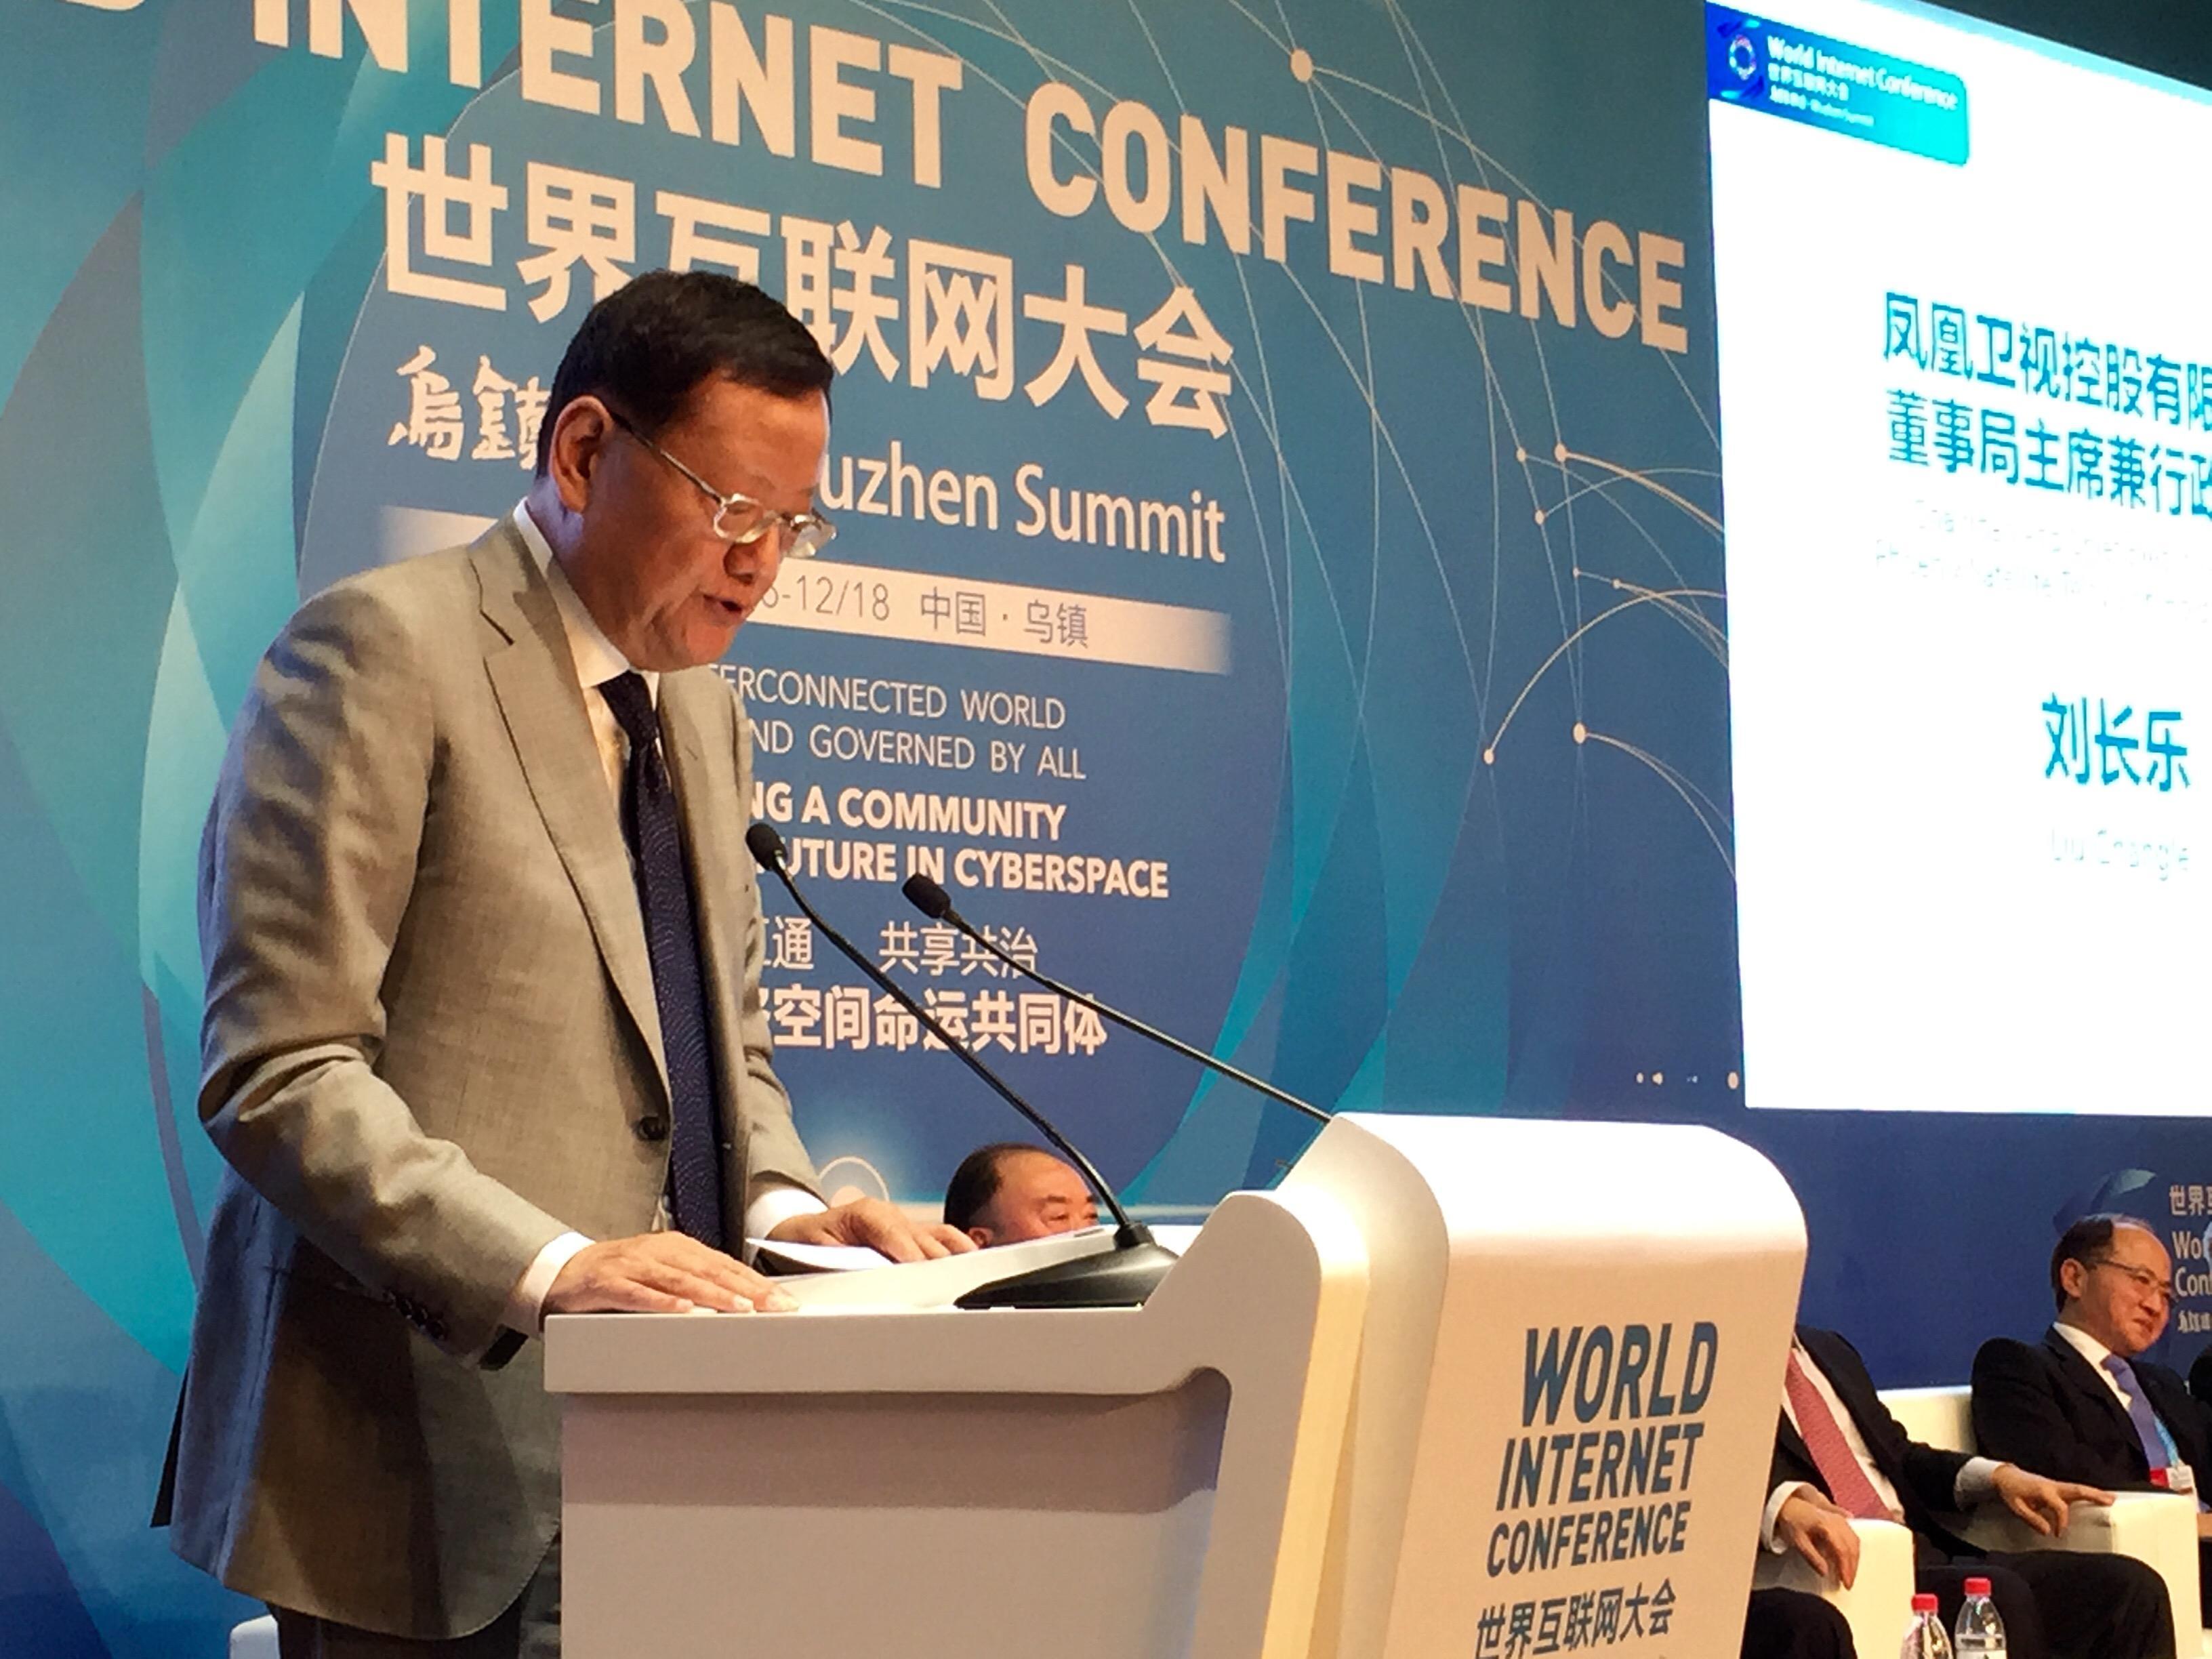 刘长乐:凤凰卫视布局金融领域,智能平台引领未来发展